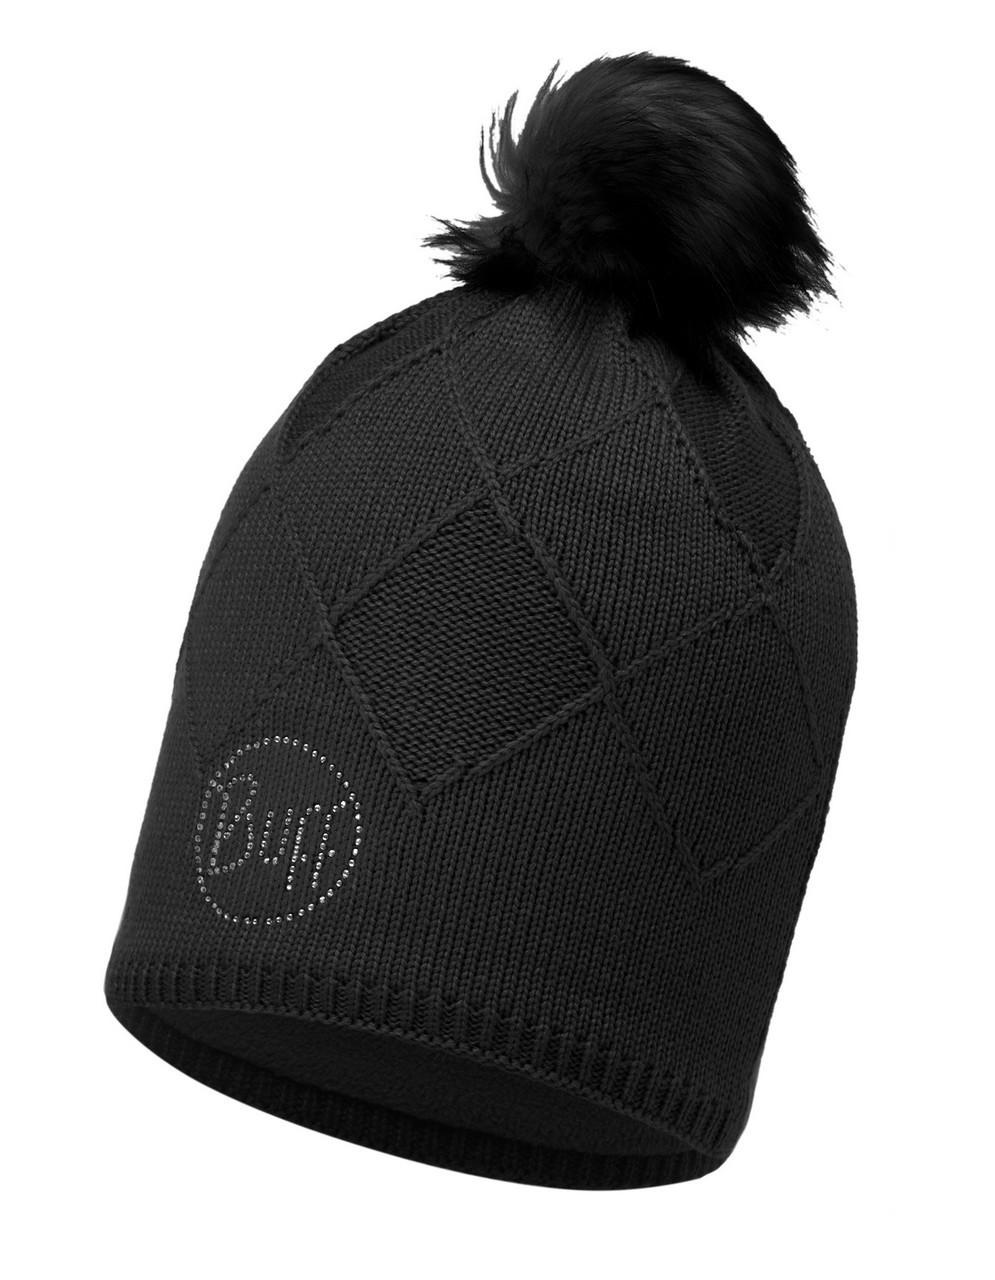 Вязаная шапка с флисовой подкладкой Buff Stella Black Chic